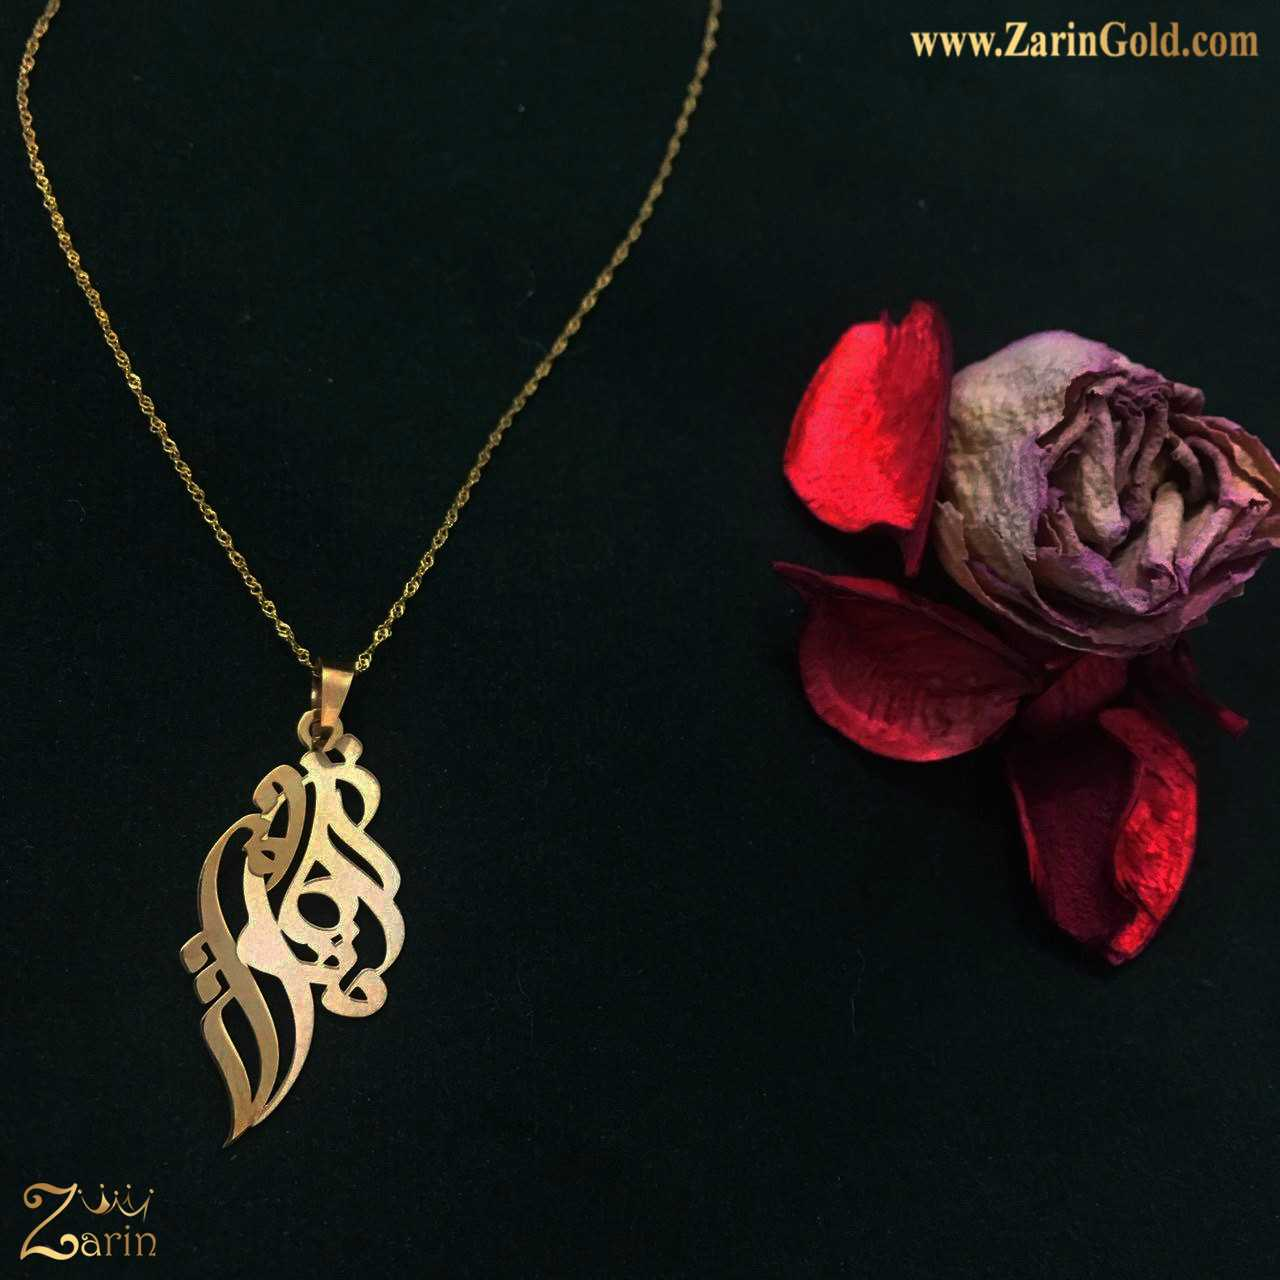 گردنبند ترکیبی فارسی امیر مژگان